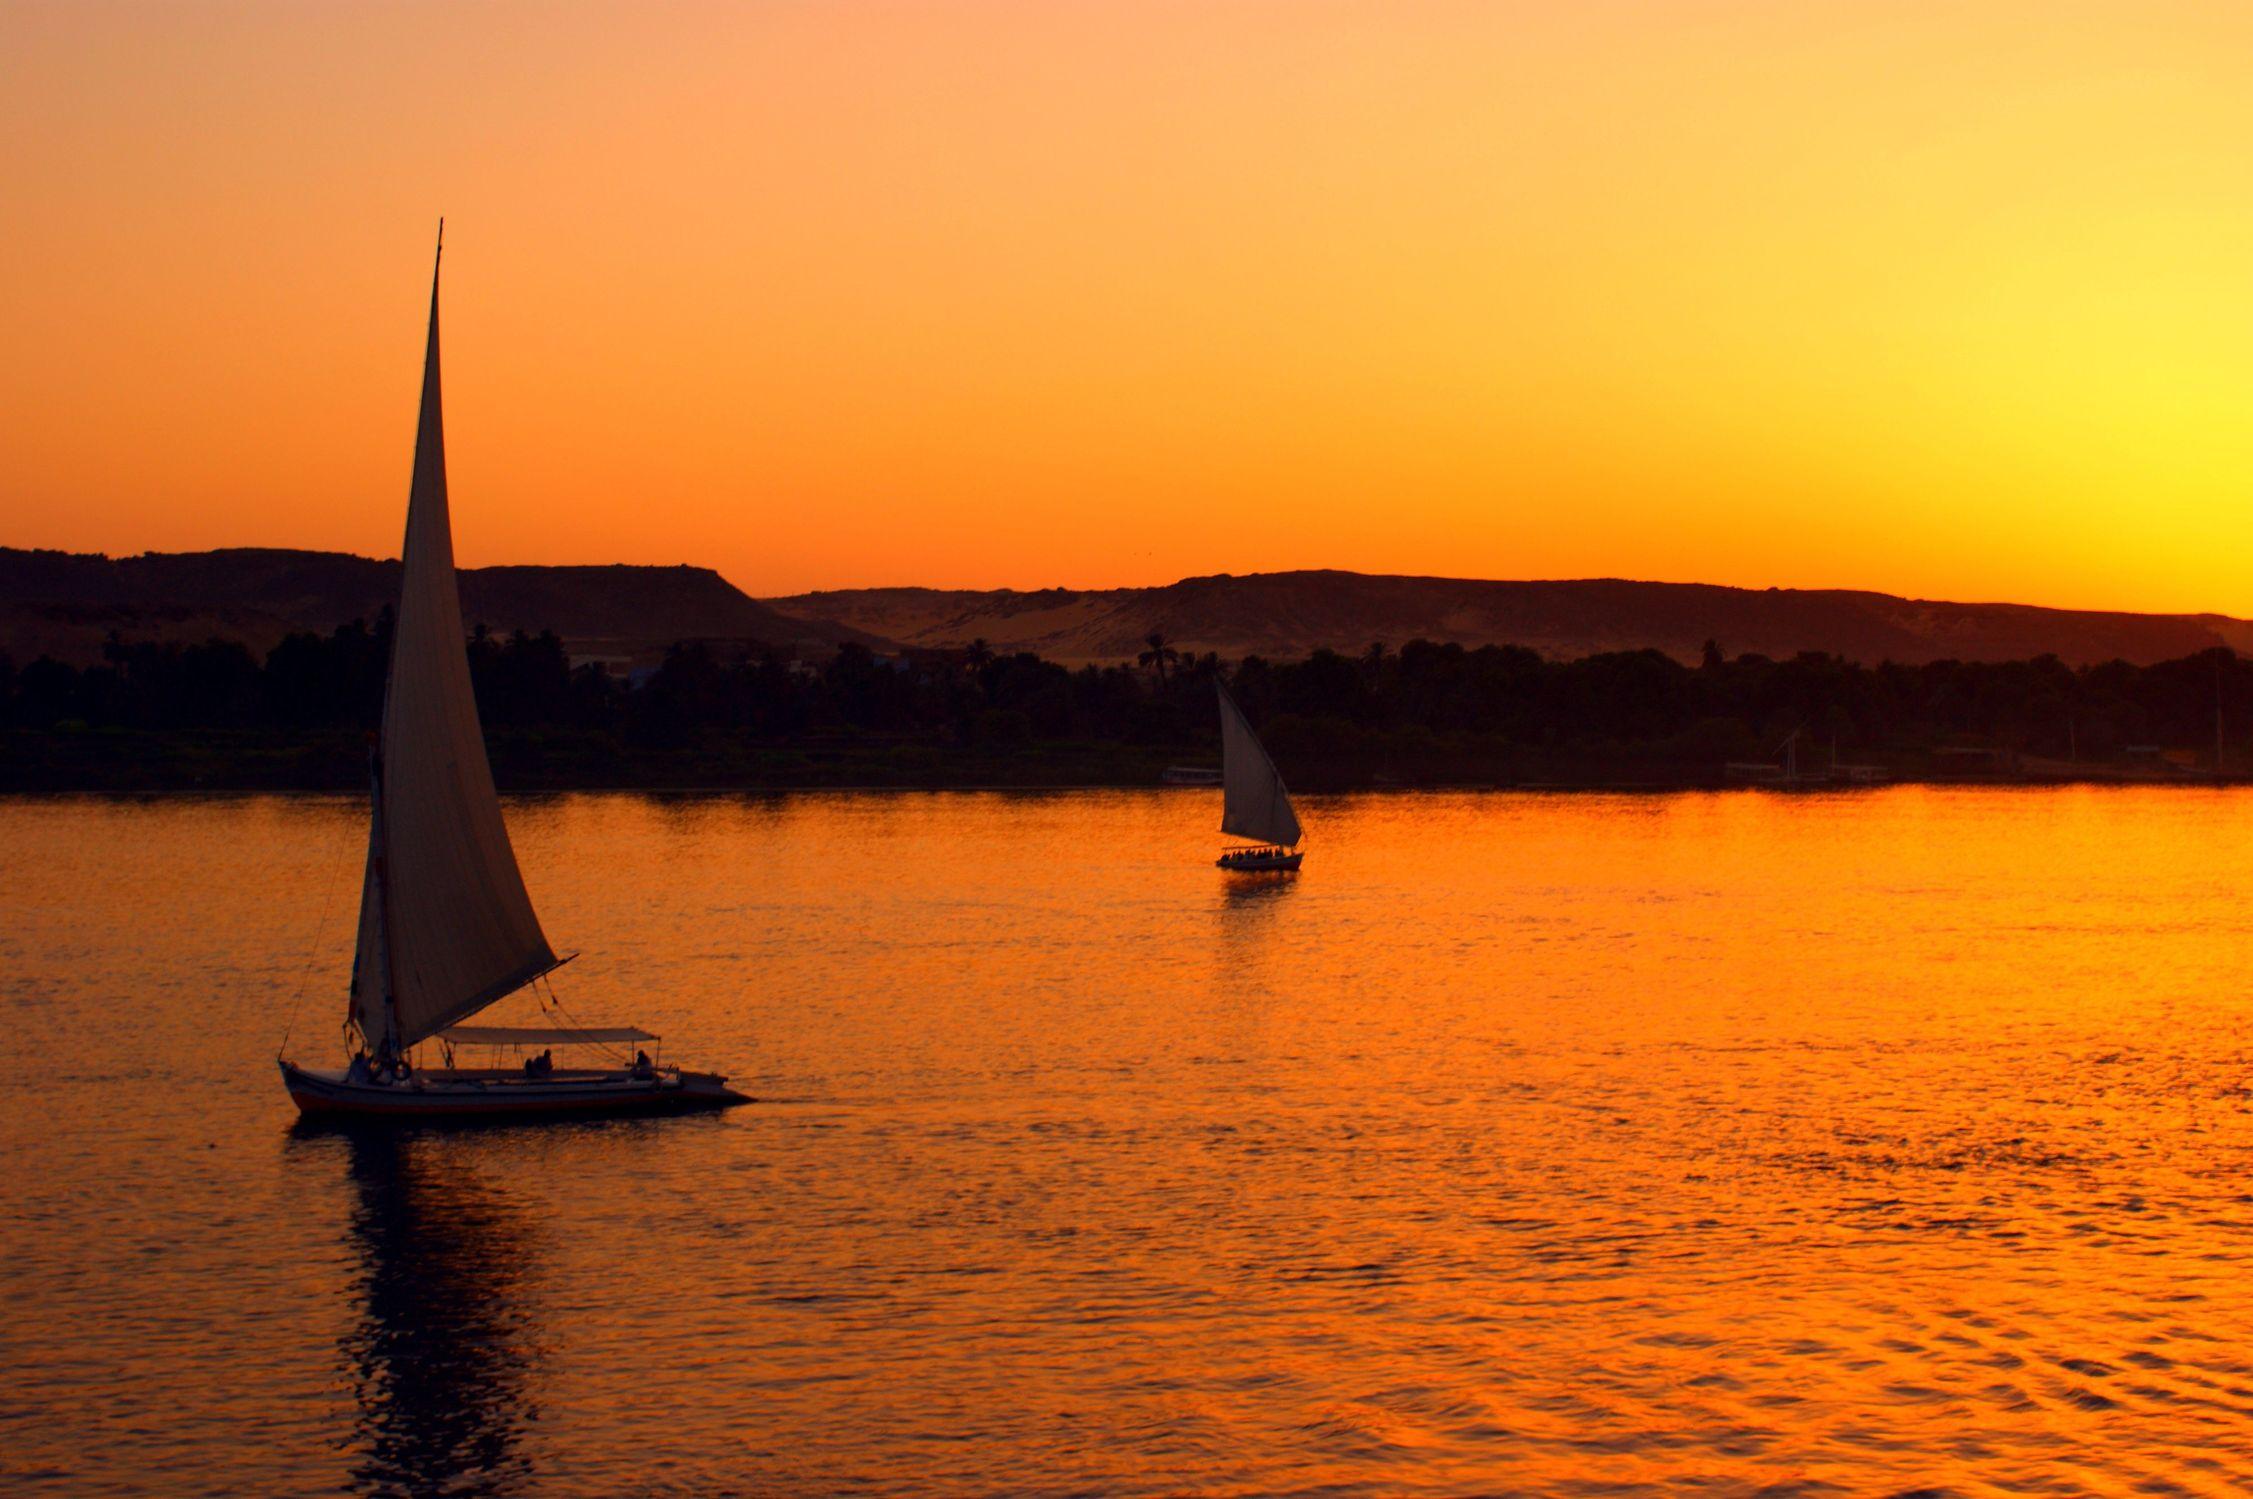 Bild mit Sonnenuntergang, Segelboote, Sonnenaufgang, Boote